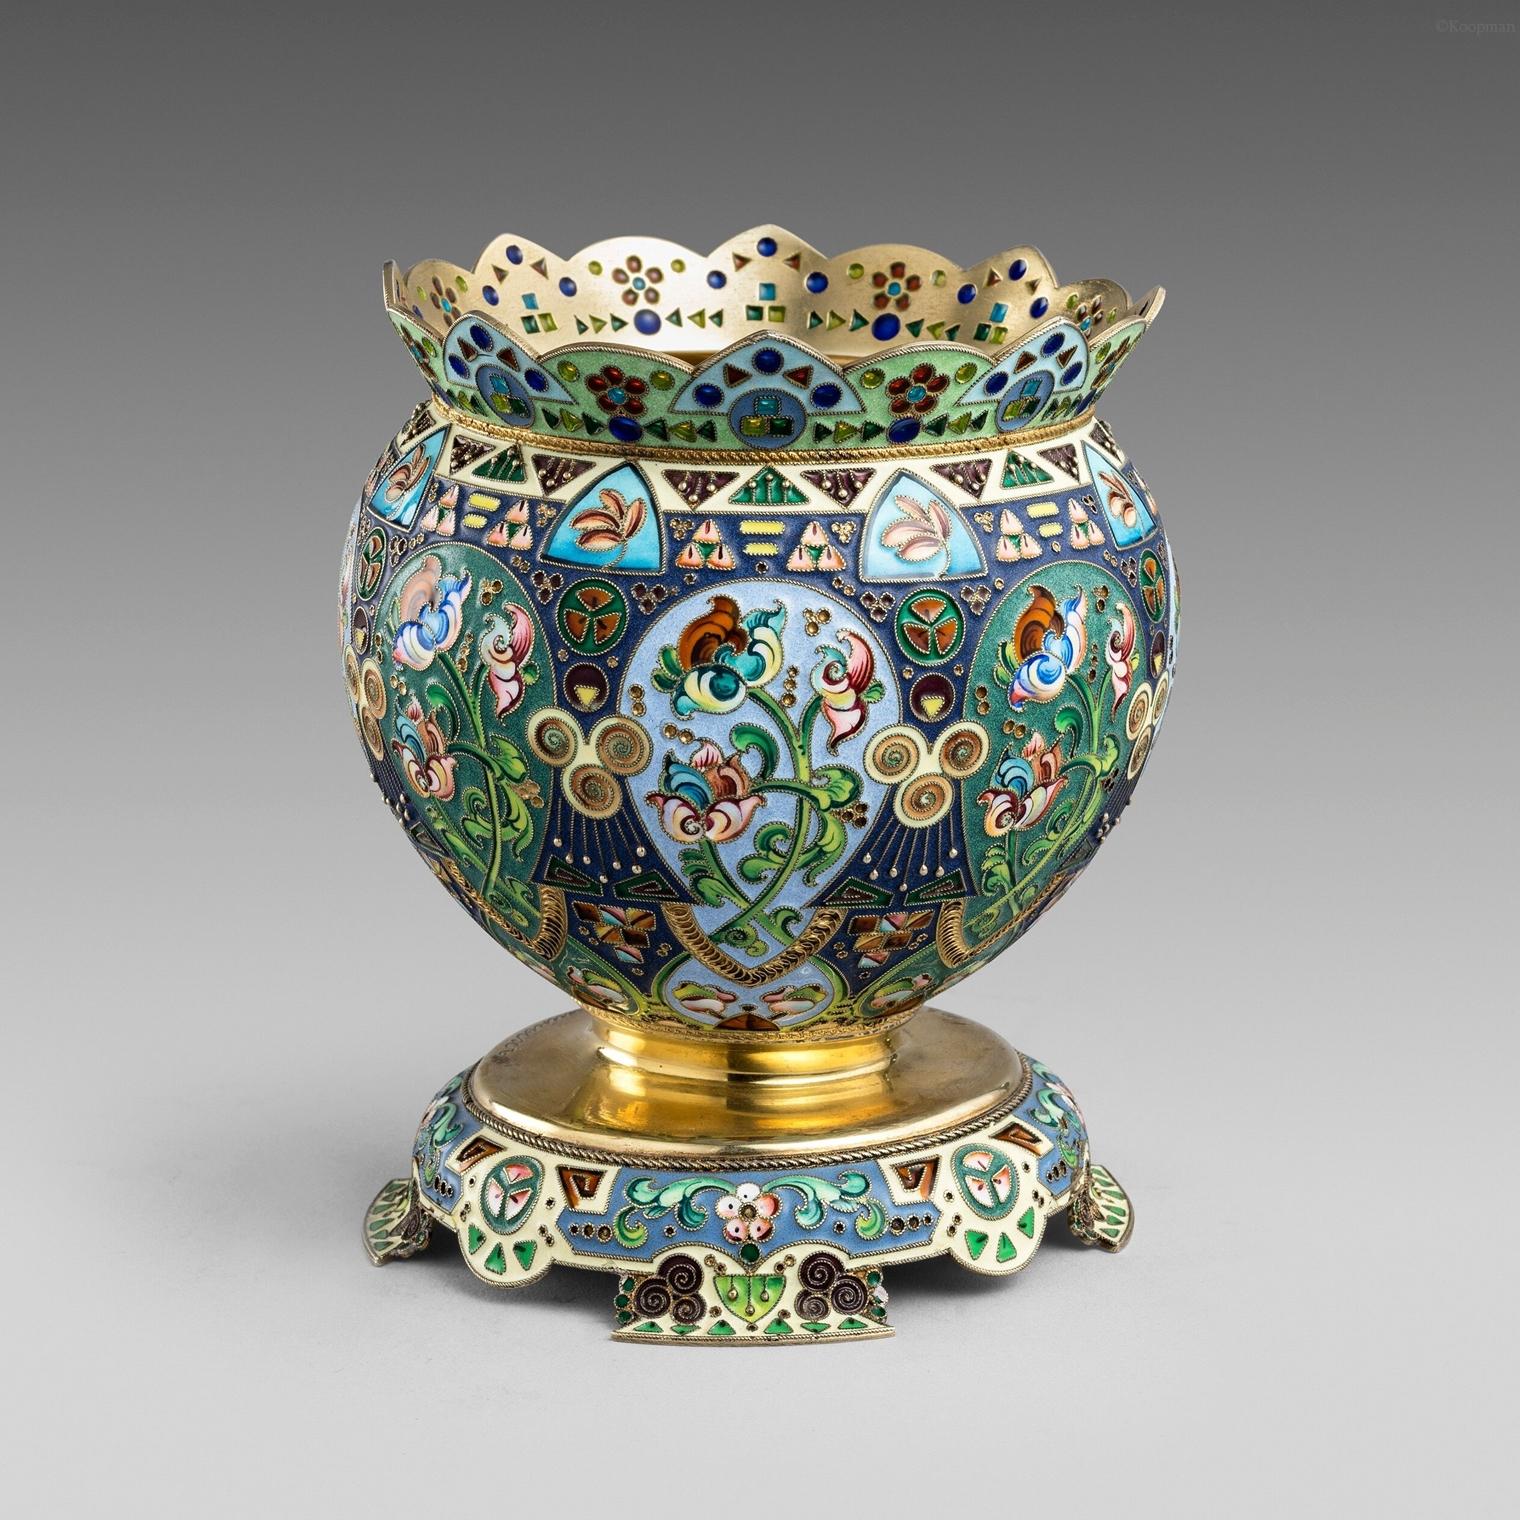 A Russian Cloisonné Enamel & Silver Gilt Bowl